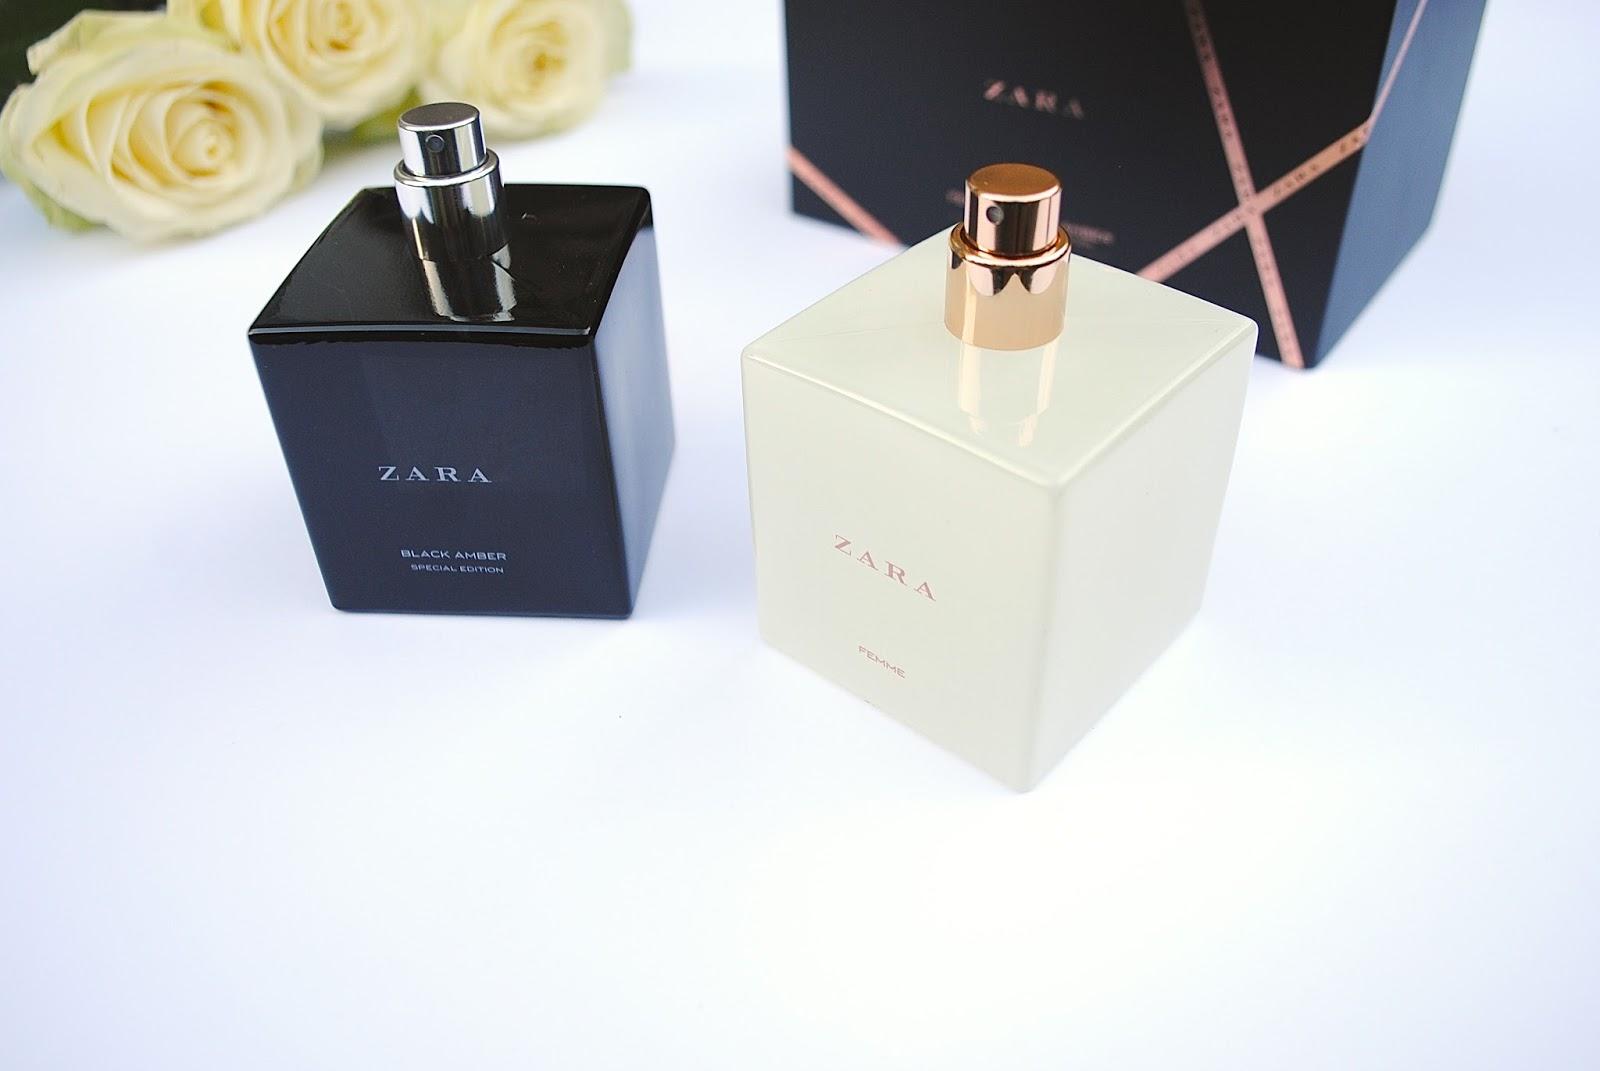 Zara Black Amberfemme Eau De Toilette Duo Oliviahelenataylor